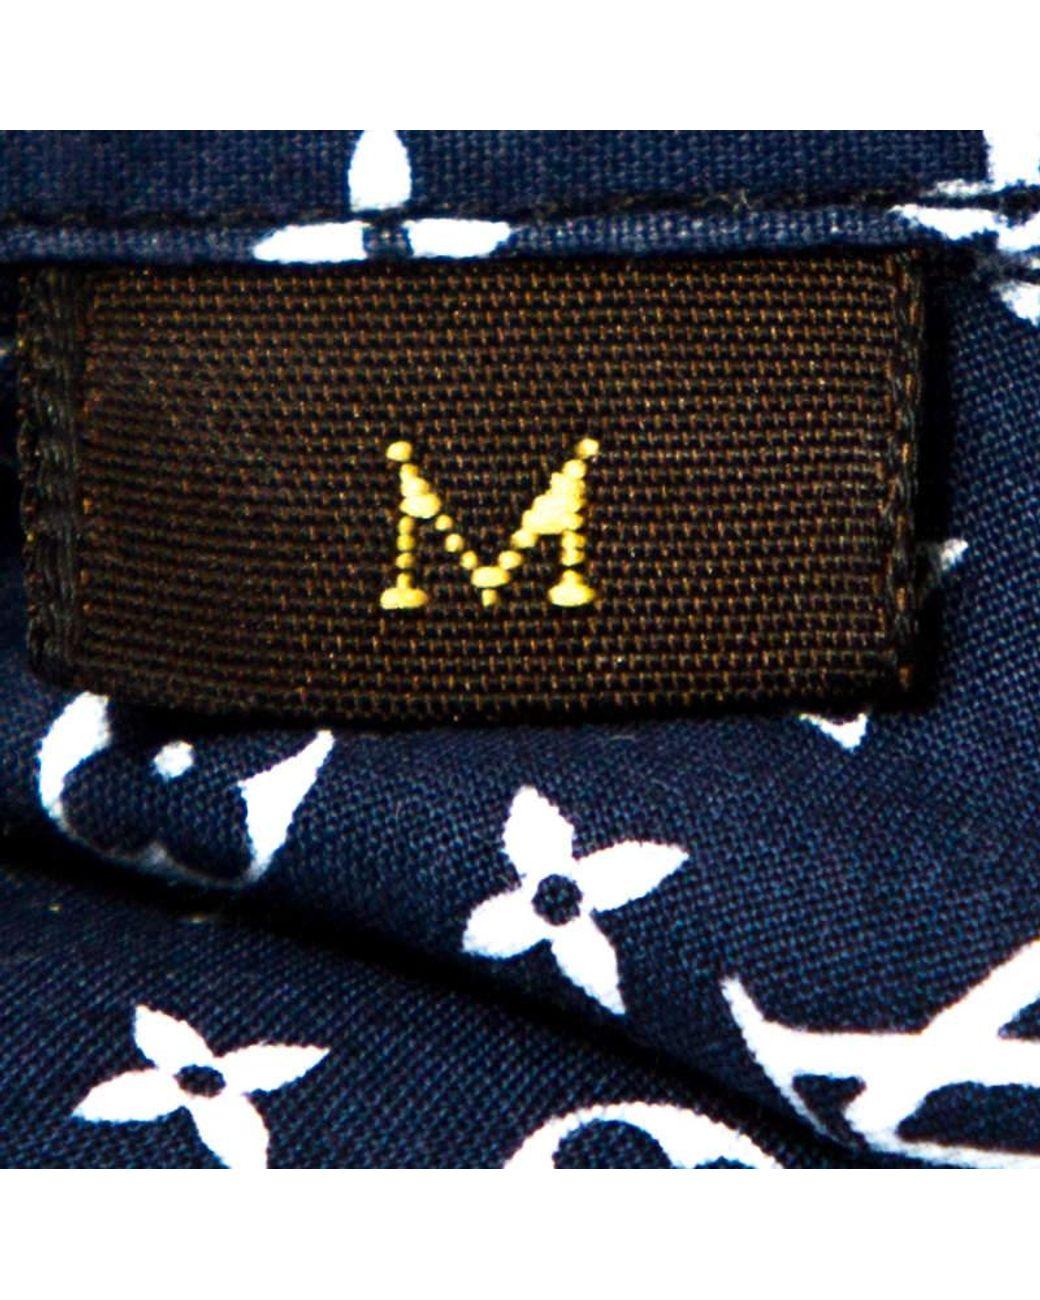 Louis Vuitton Multicolor Monogram Stars Print Cotton Shirt M In Blue For Men Lyst